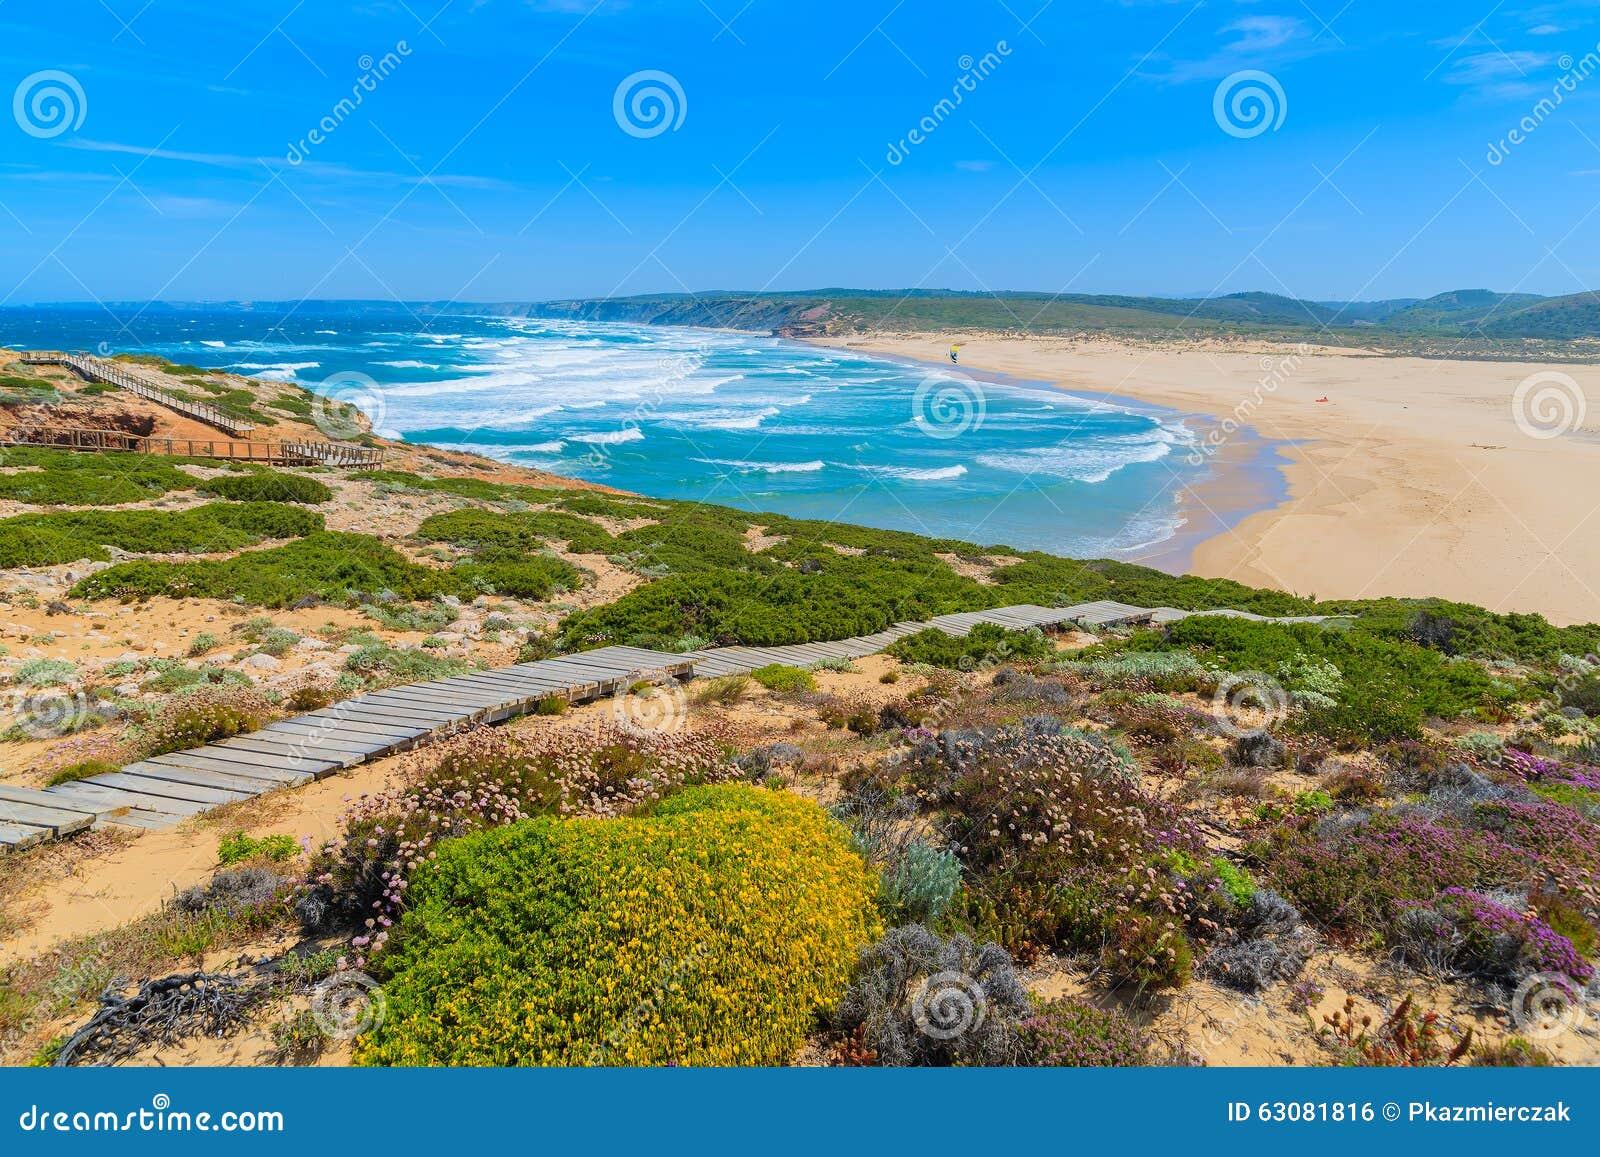 Download Le Passage Couvert En Bois Au Praia Font La Plage De Bordeira Photo stock - Image du sport, planche: 63081816